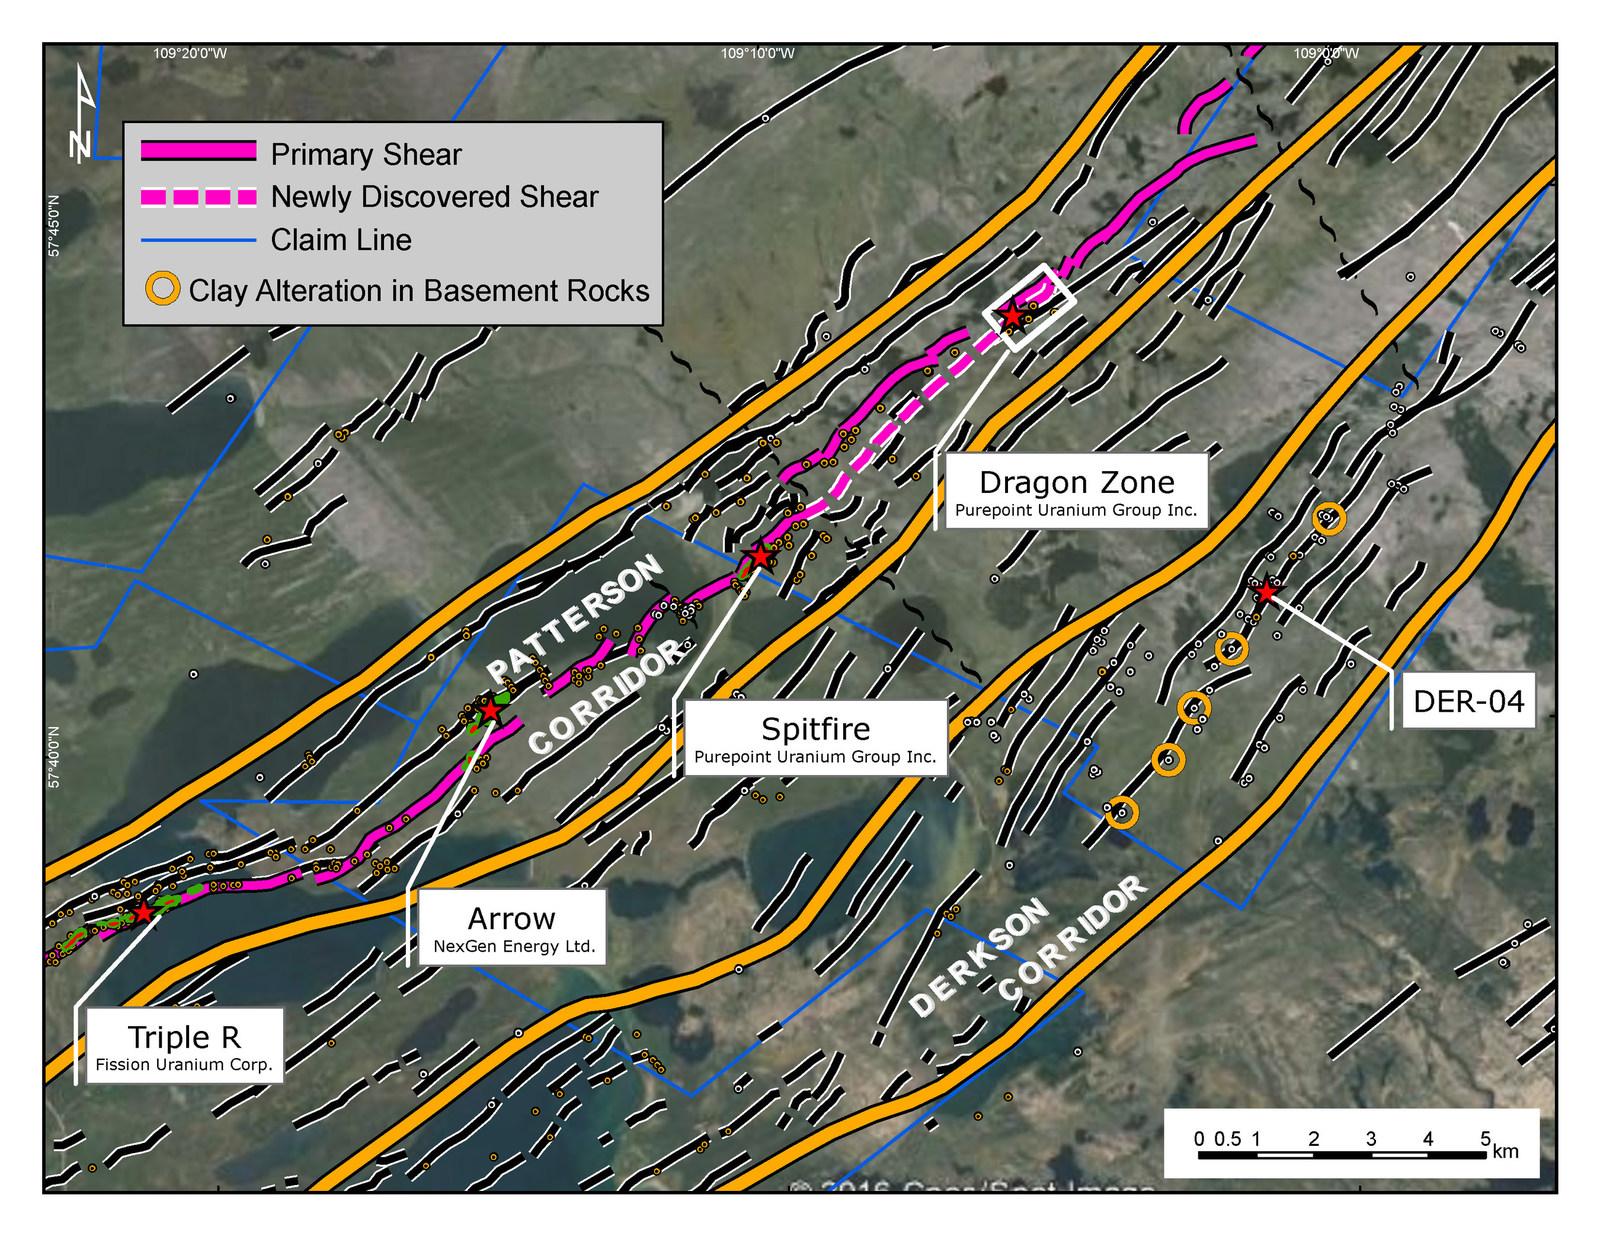 Patterson Corridor and Derkson Corridor, Athabasca Basin